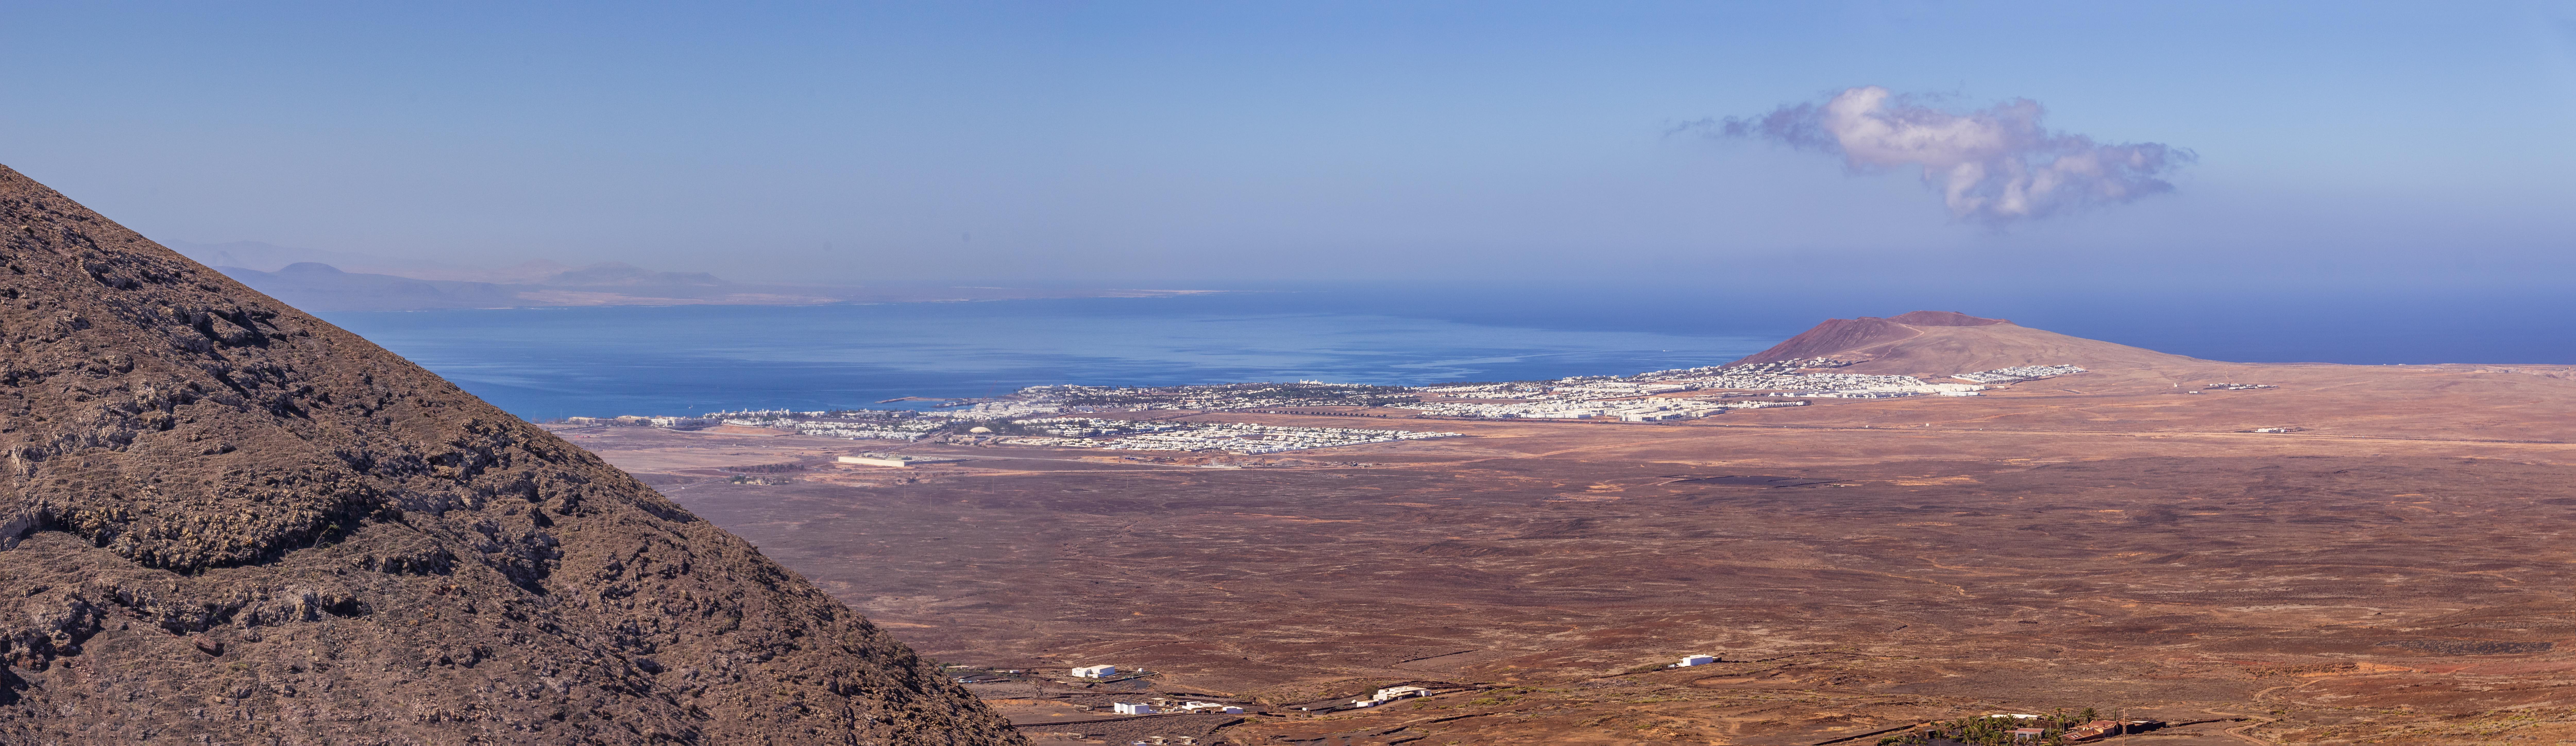 Lanzarote PanoramaSuperWideMax10000 024